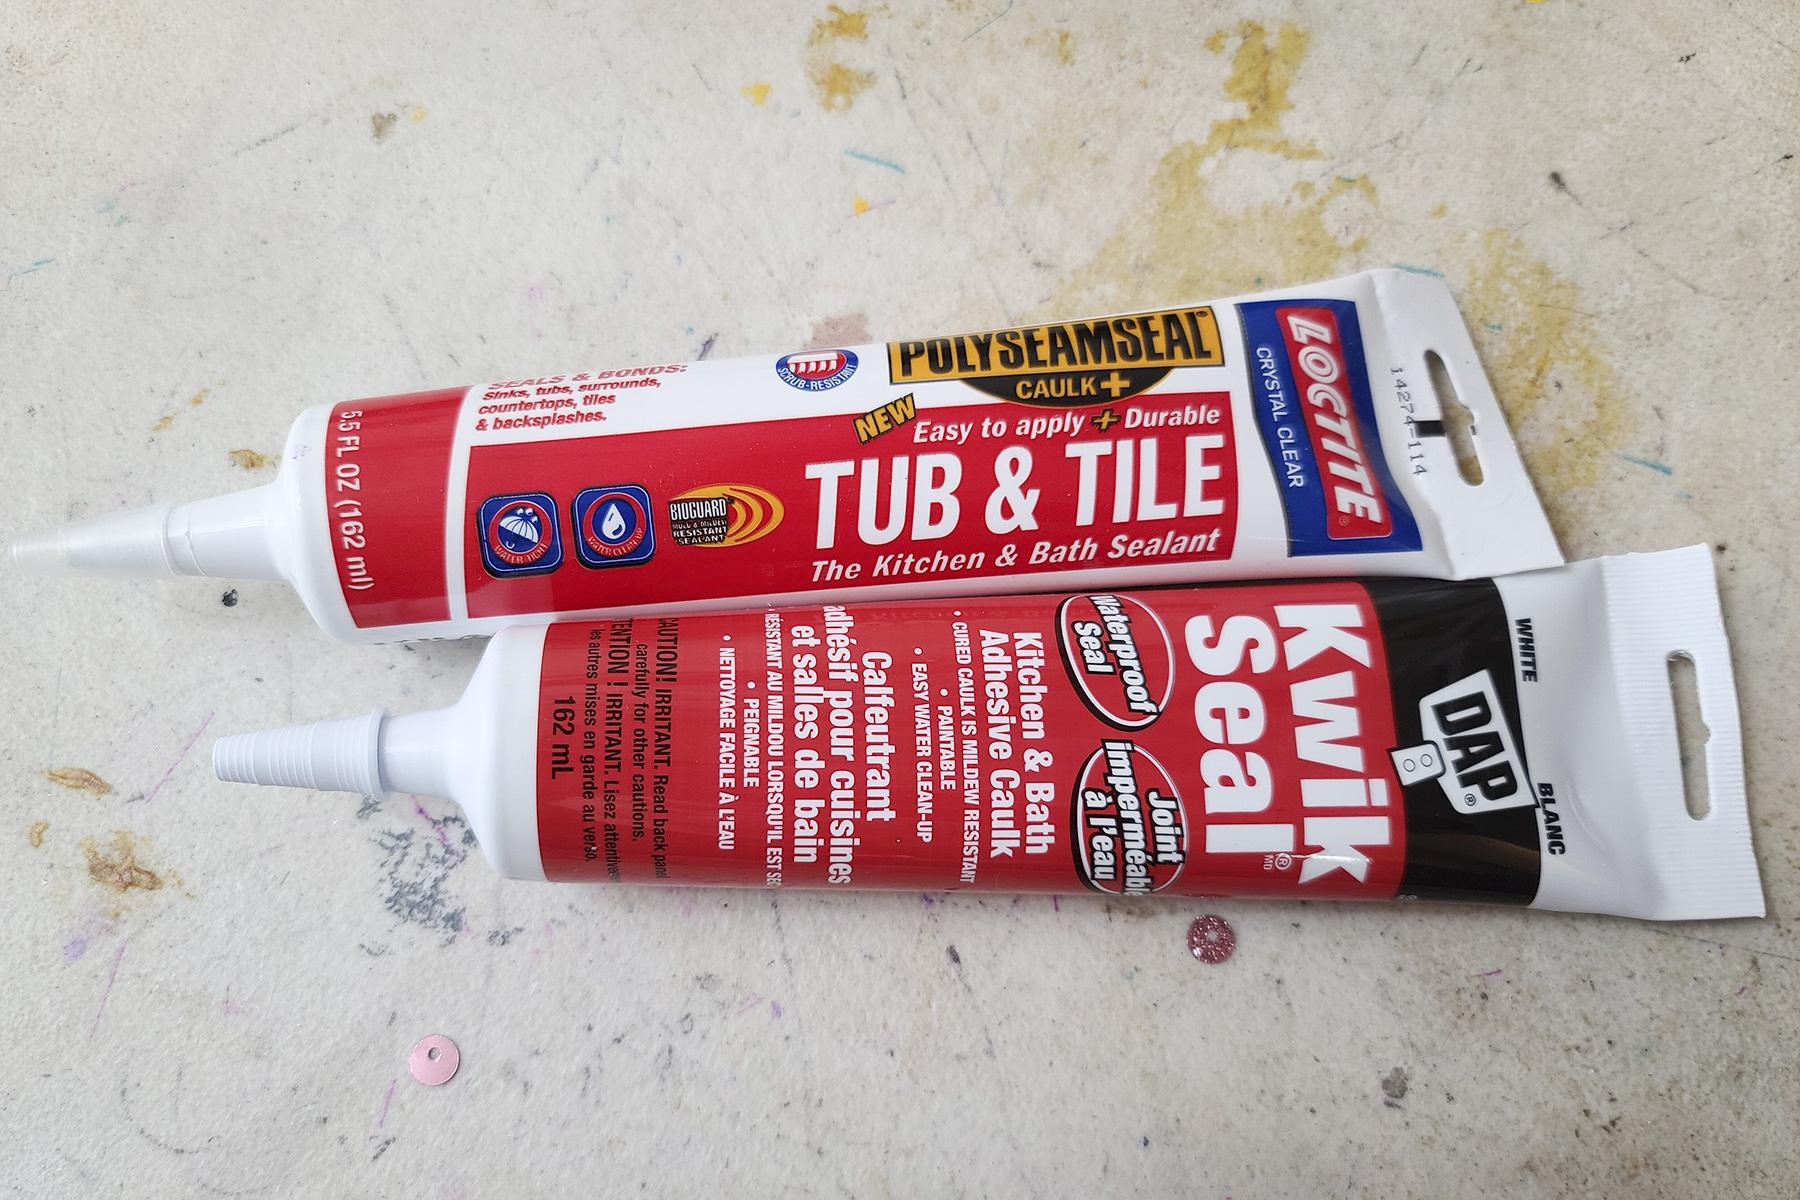 2 tubes of caulking.